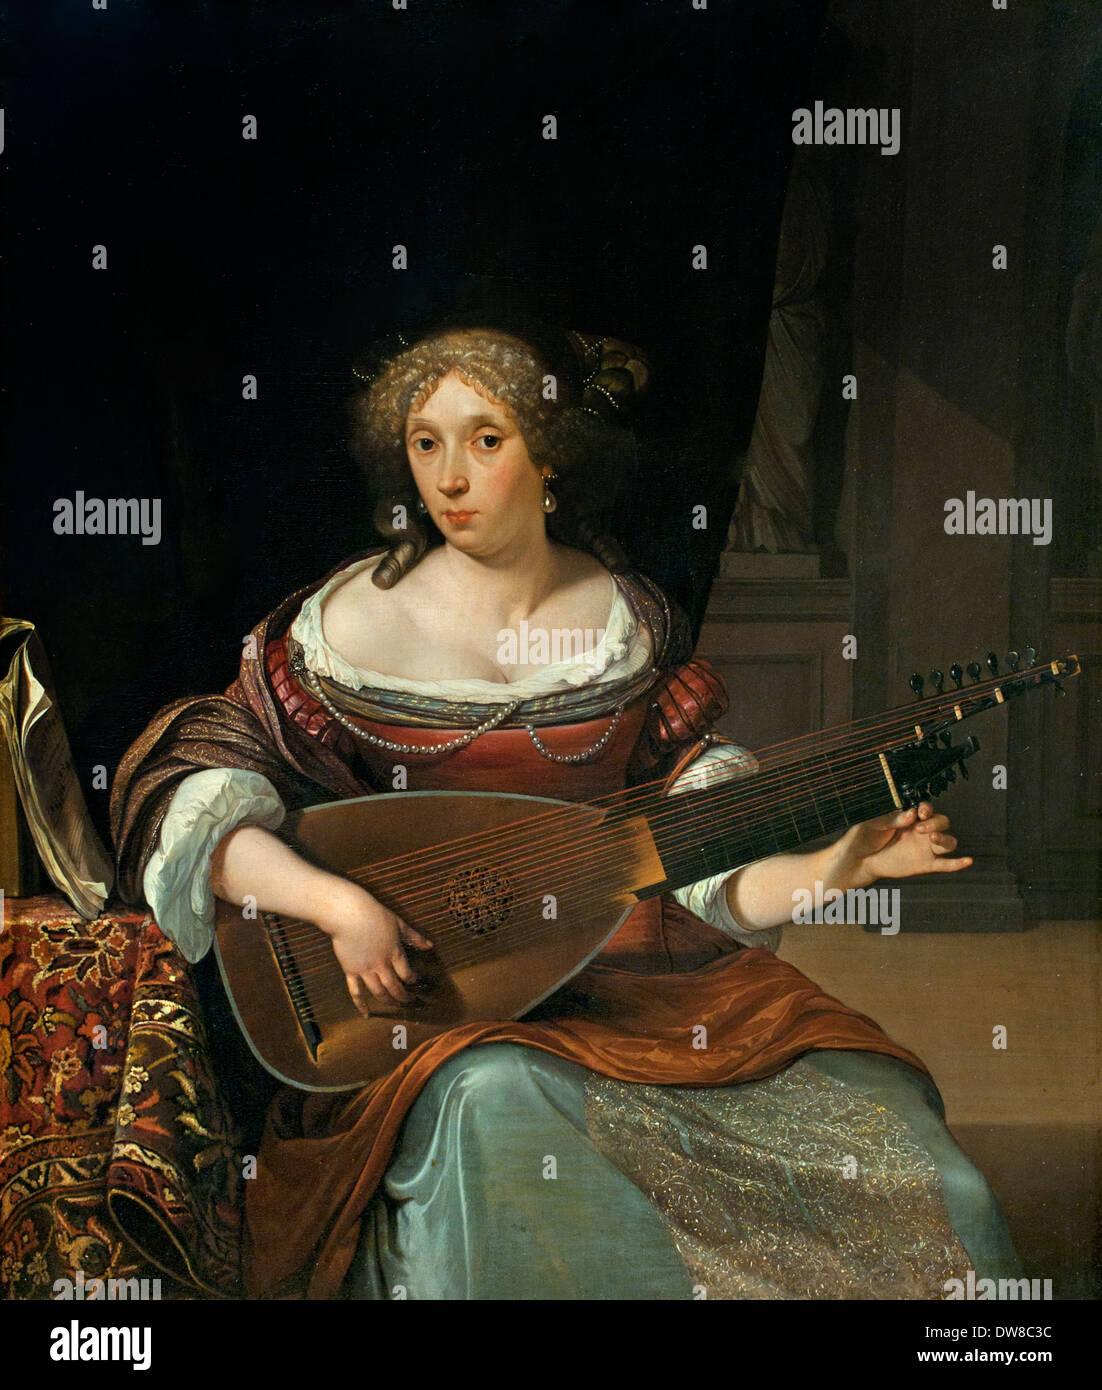 Die laute Player 1677 Eglon Hendrik van der Neer 1634-1703 niederländischen Niederlande Stockbild